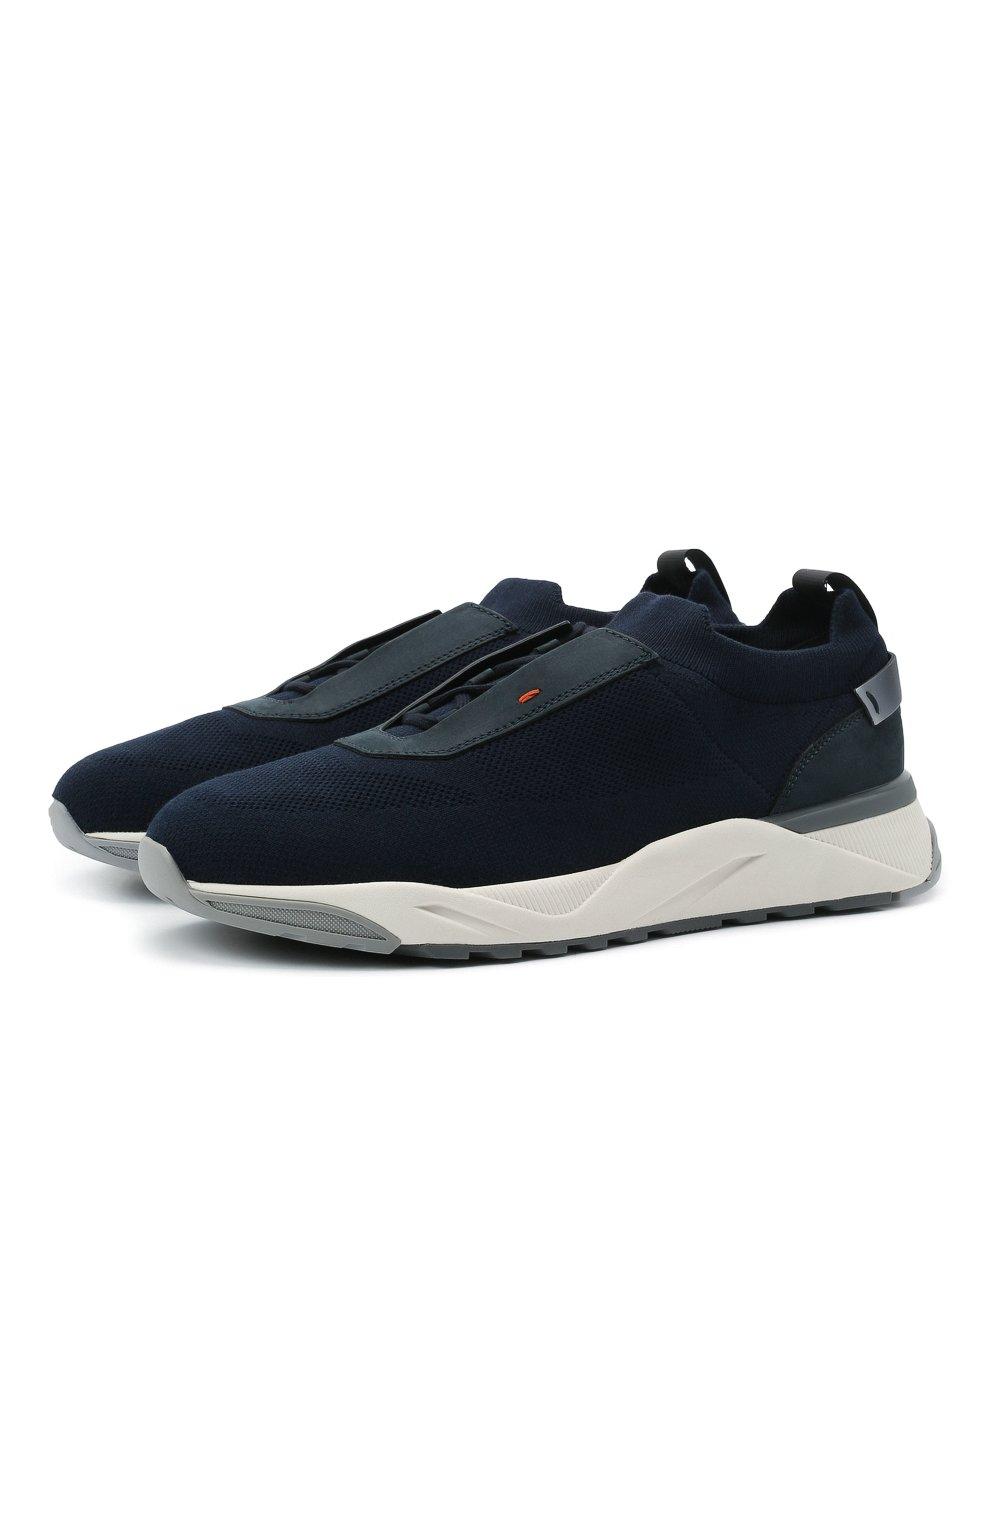 Мужские текстильные кроссовки SANTONI темно-синего цвета, арт. MBI021601BGRNH0DU60 | Фото 1 (Материал внешний: Текстиль; Материал внутренний: Натуральная кожа, Текстиль; Подошва: Массивная; Стили: Спорт)